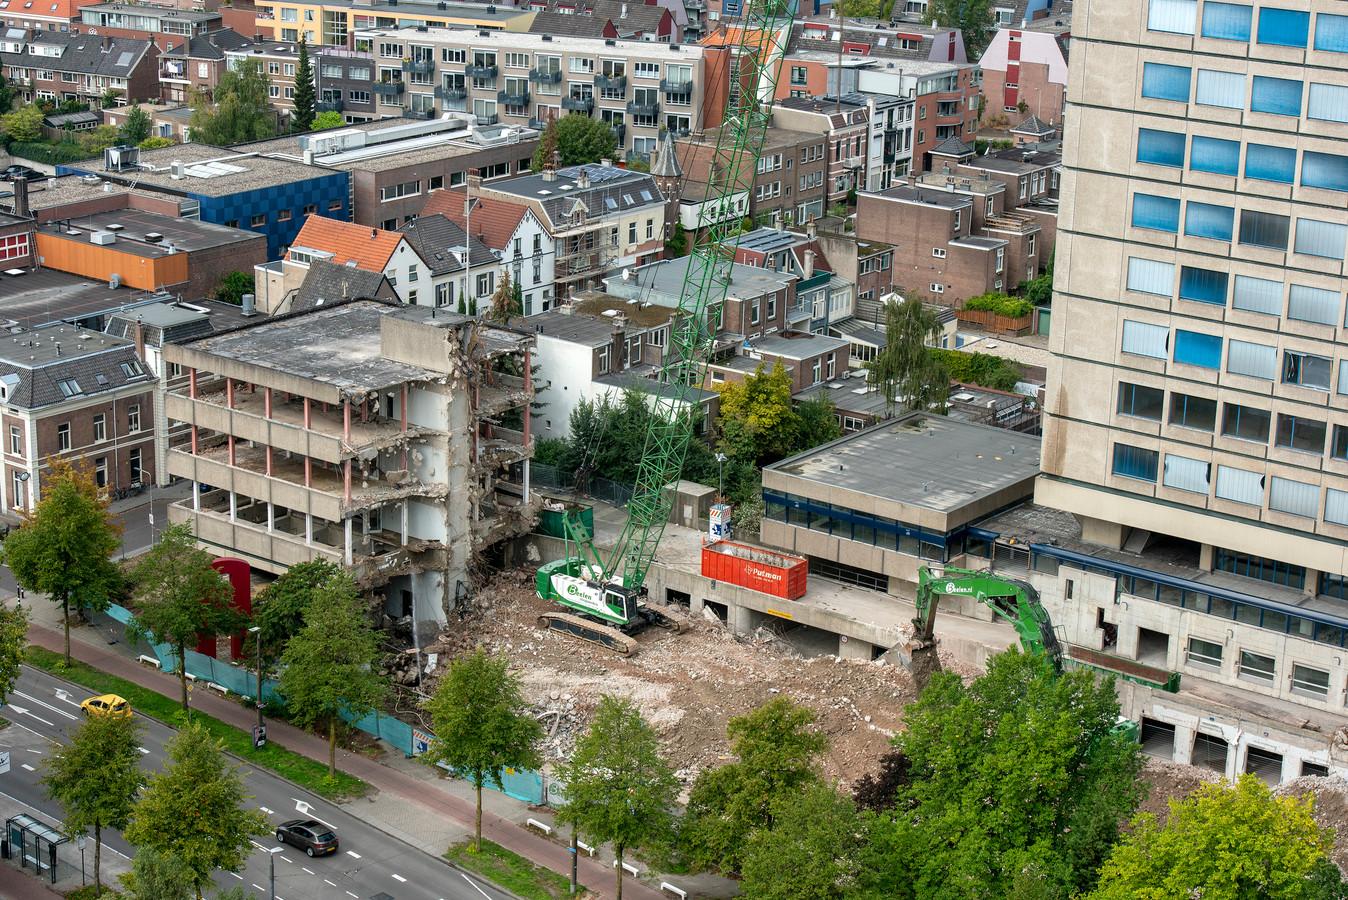 De sloper heeft al een aardig gat geslagen in het voormalige ING-kantoor aan de Velperweg in Arnhem.